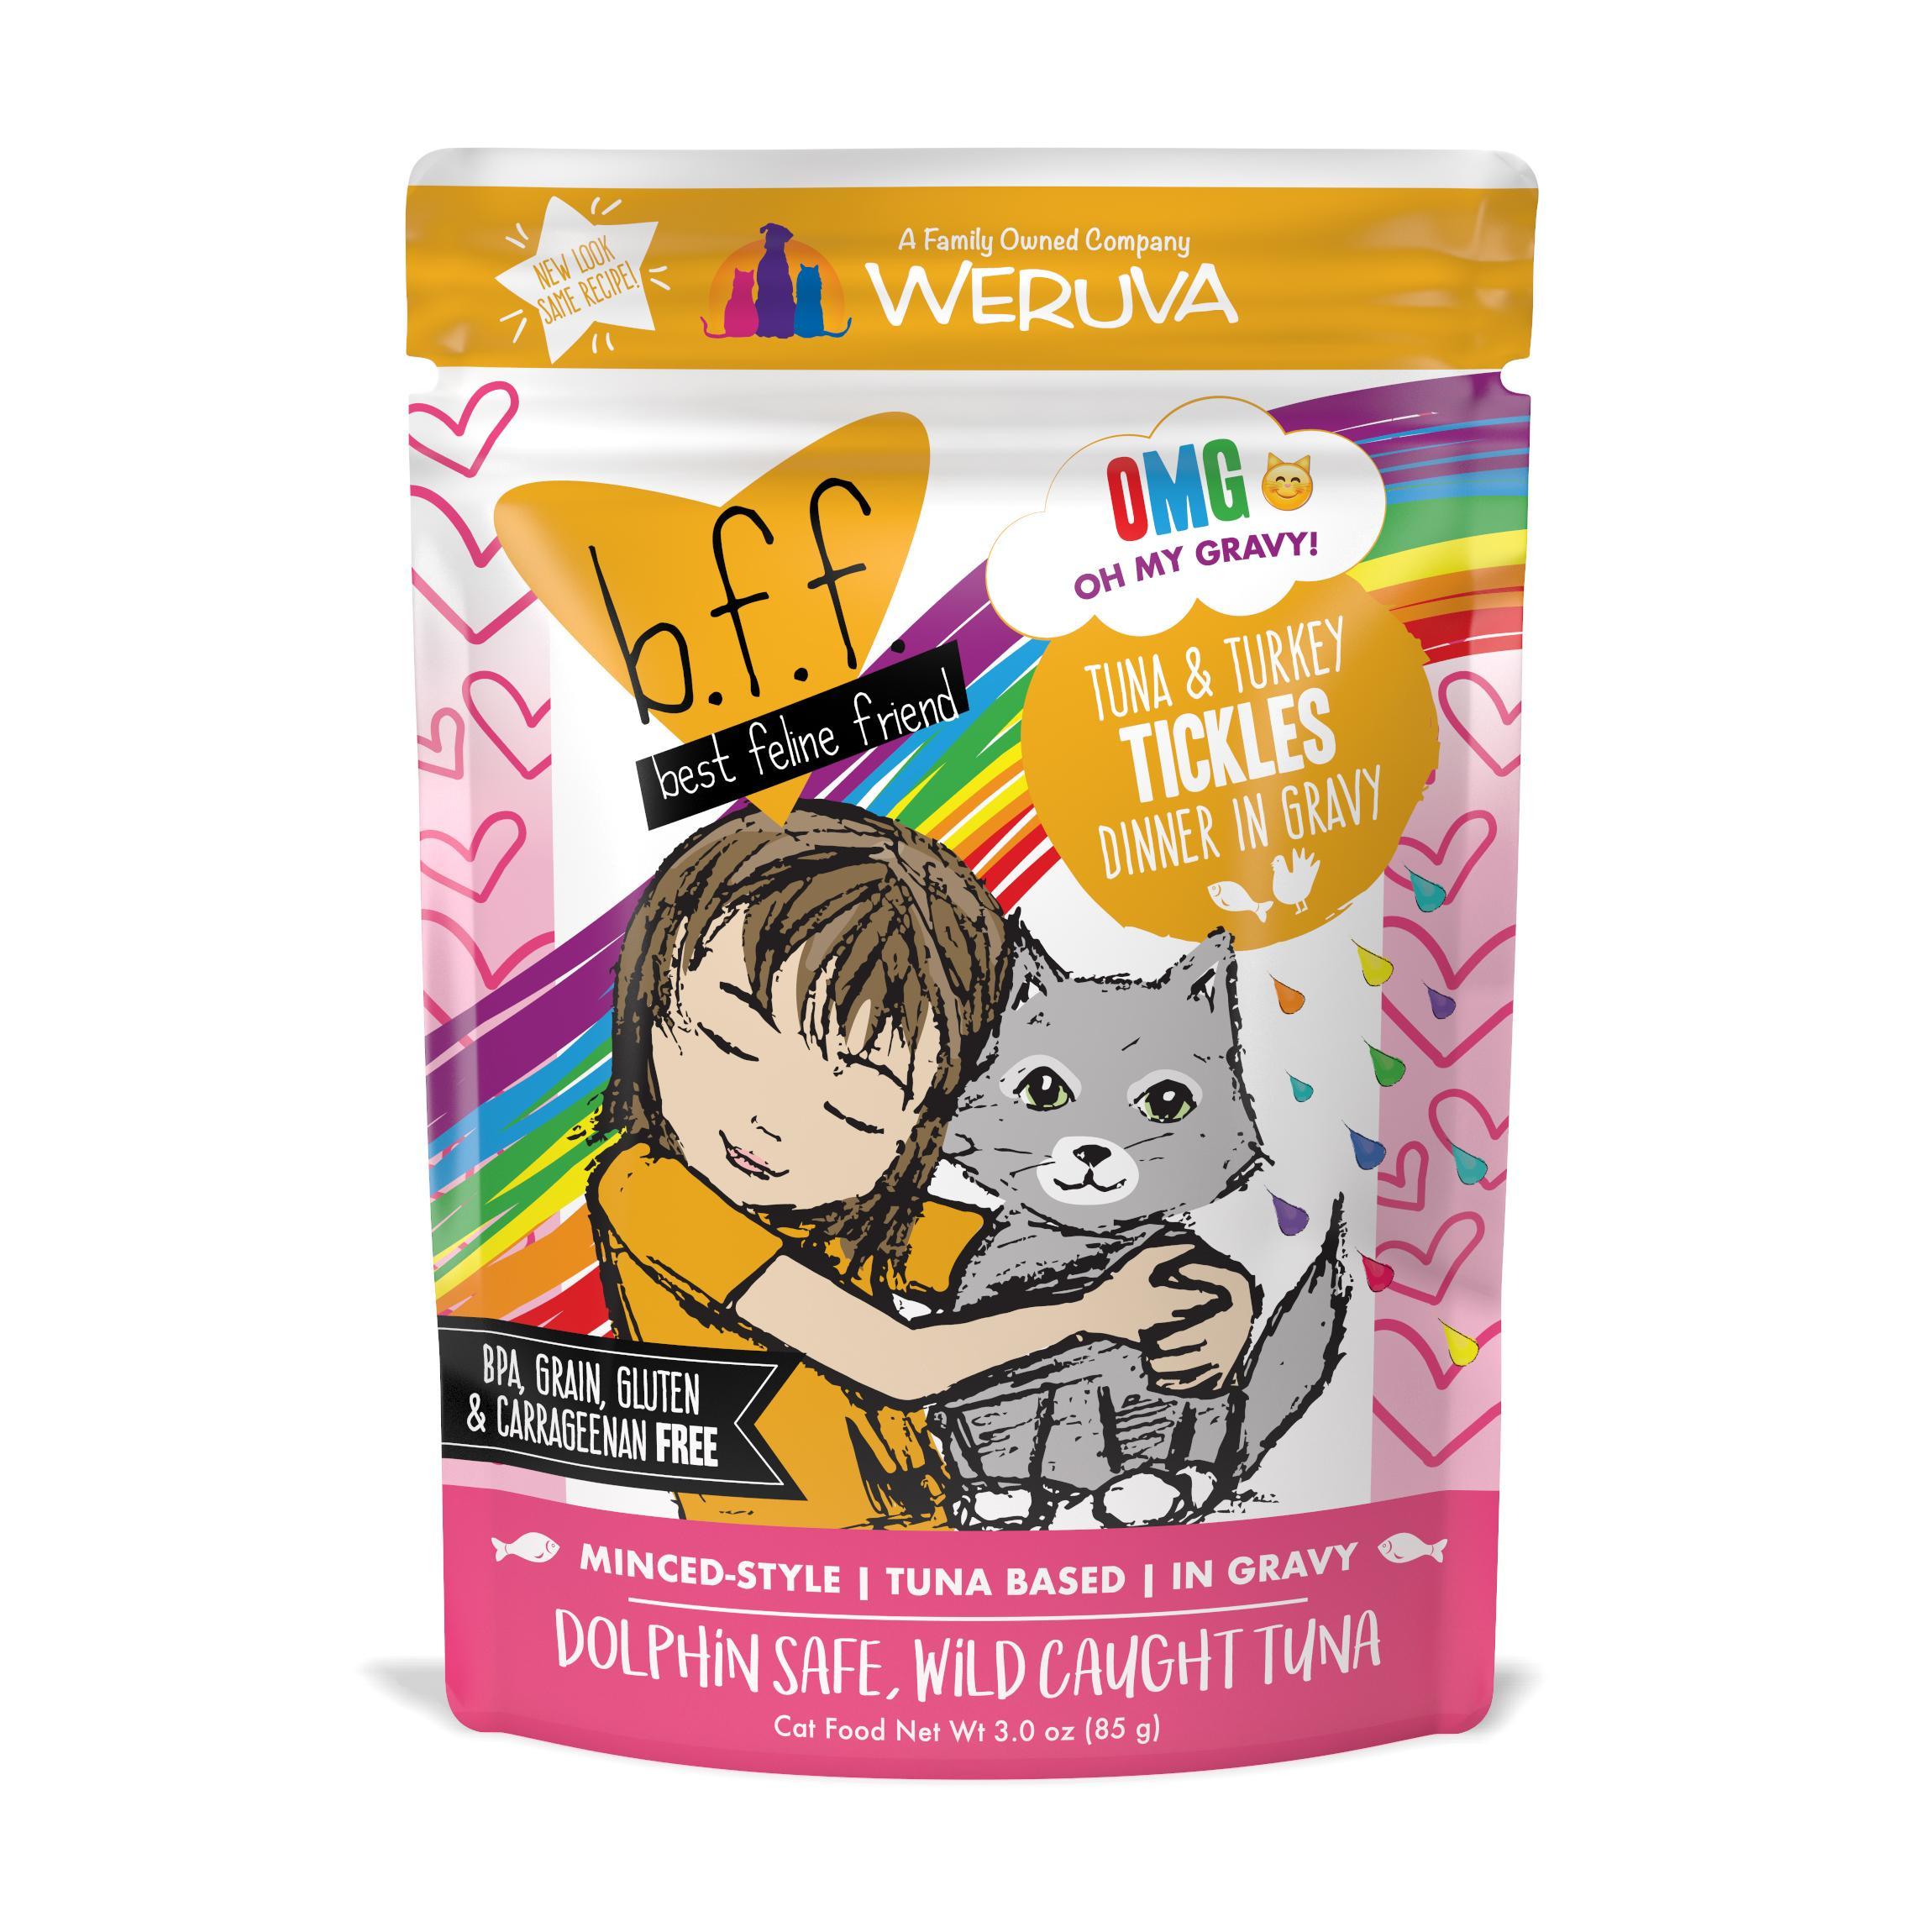 BFF Oh My Gravy! Tickles Tuna & Turkey Dinner in Gravy Grain-Free Wet Cat Food, 3-oz